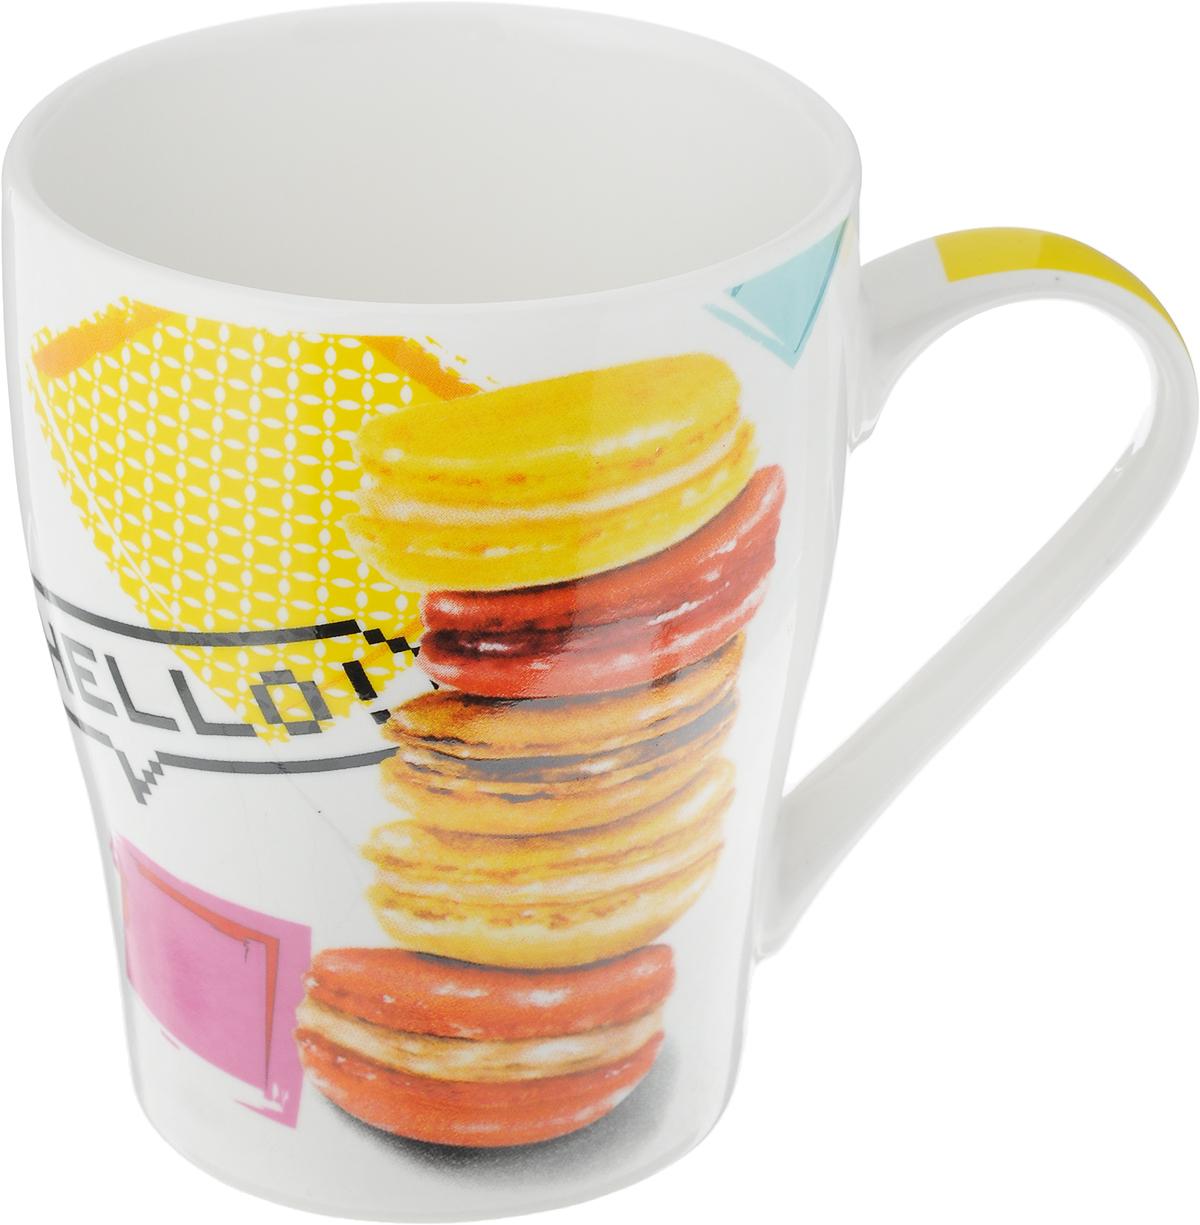 Кружка Loraine Десерт, цвет: белый, желтый, красный, 340 мл. 26571W07770020Кружка Loraine Десерт изготовлена из прочного качественного костяного фарфора. Изделиеоформлено красочным рисунком. Благодаря своим термостатическимсвойствам, изделие отлично сохраняет температуру содержимого - морозной зимой кружка будетсогревать вас горячим чаем, а знойным летом, напротив, радовать прохладными напитками.Такой аксессуар создаст атмосферу тепла и уюта, настроит на позитивный лад и подаритхорошее настроение с самого утра. Это оригинальное изделие идеально подойдет в подарокблизкому человеку.Диаметр (по верхнему краю): 8,5 см. Высота кружки: 10,5 см.Объем: 340 мл.